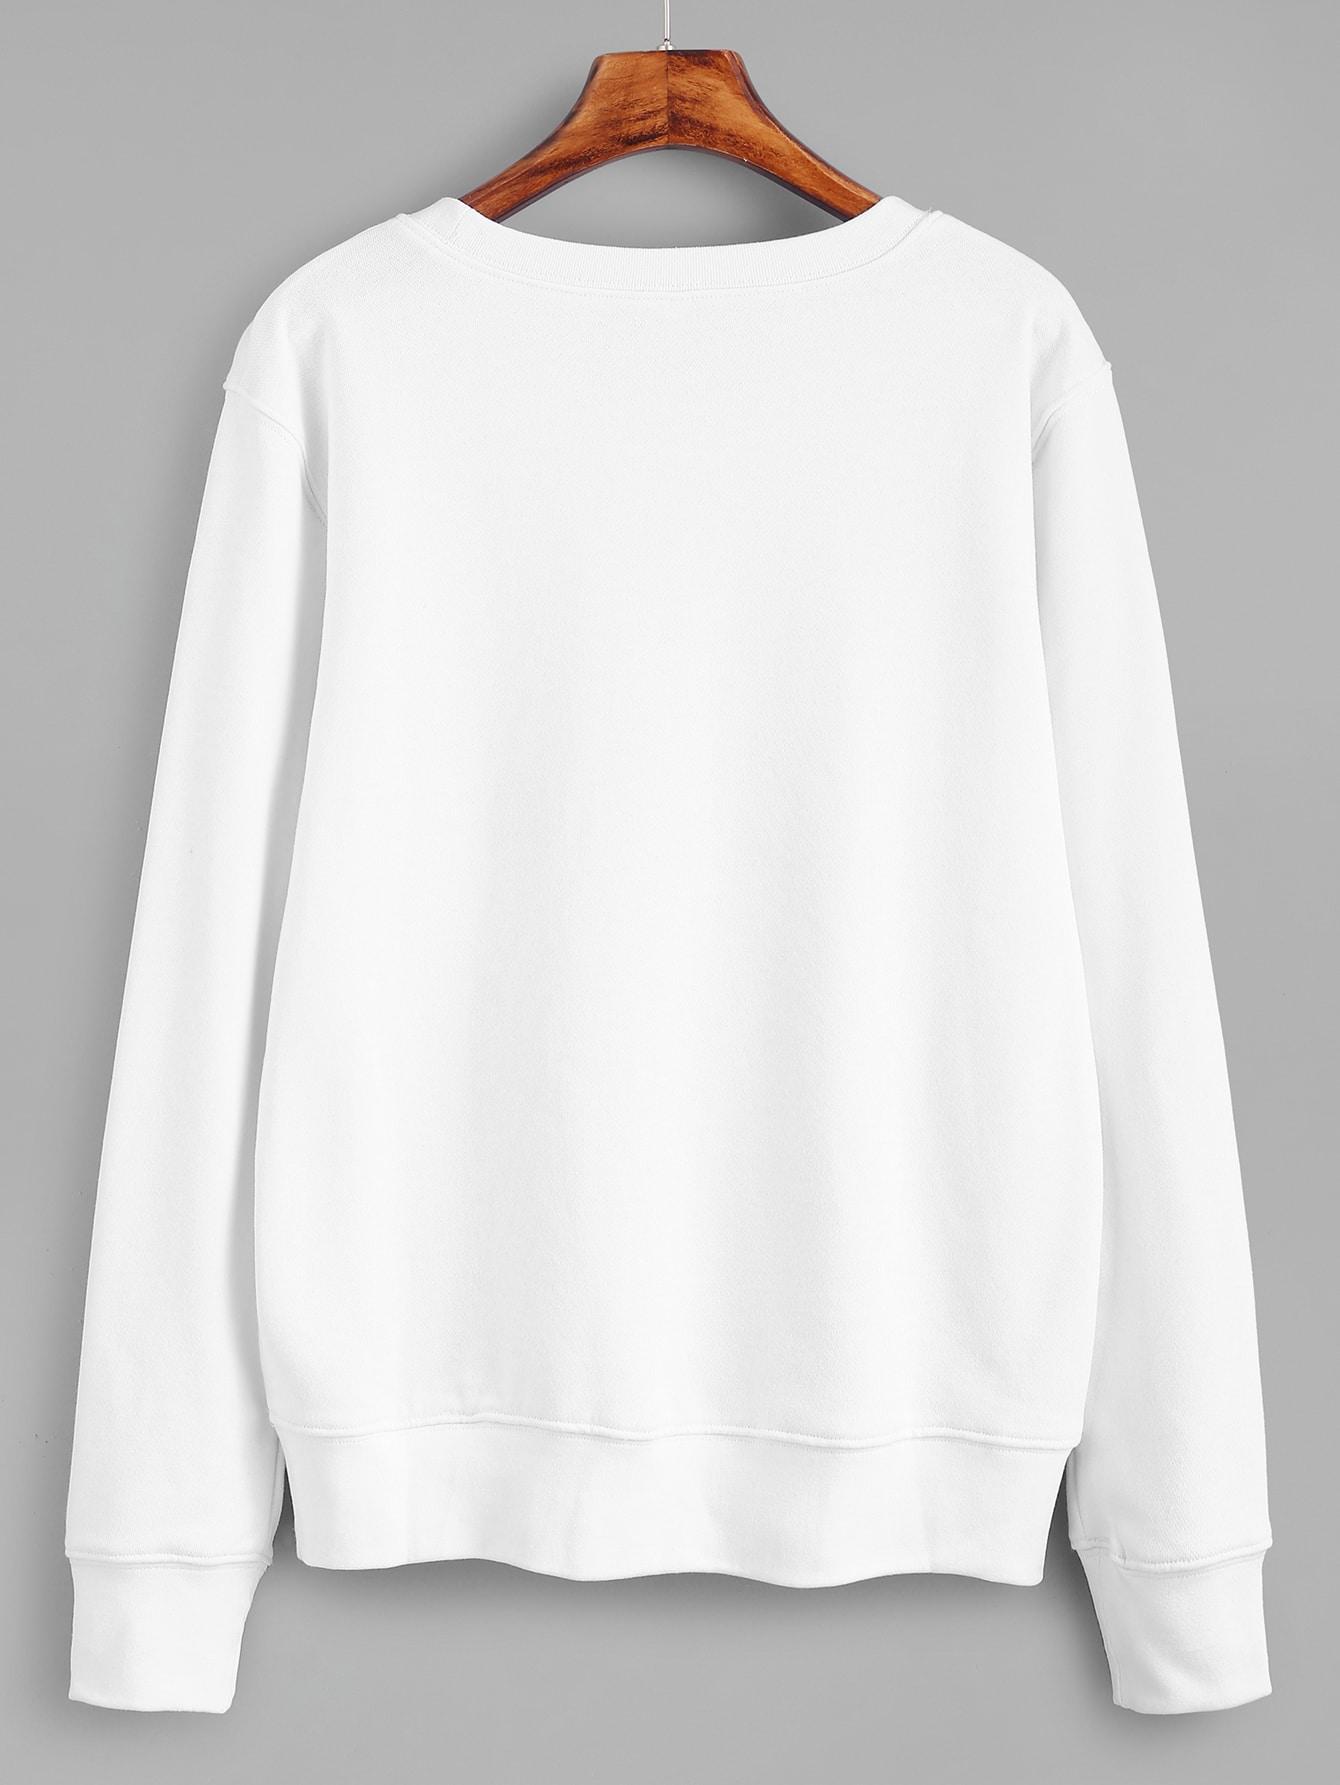 sweatshirt160926302_2